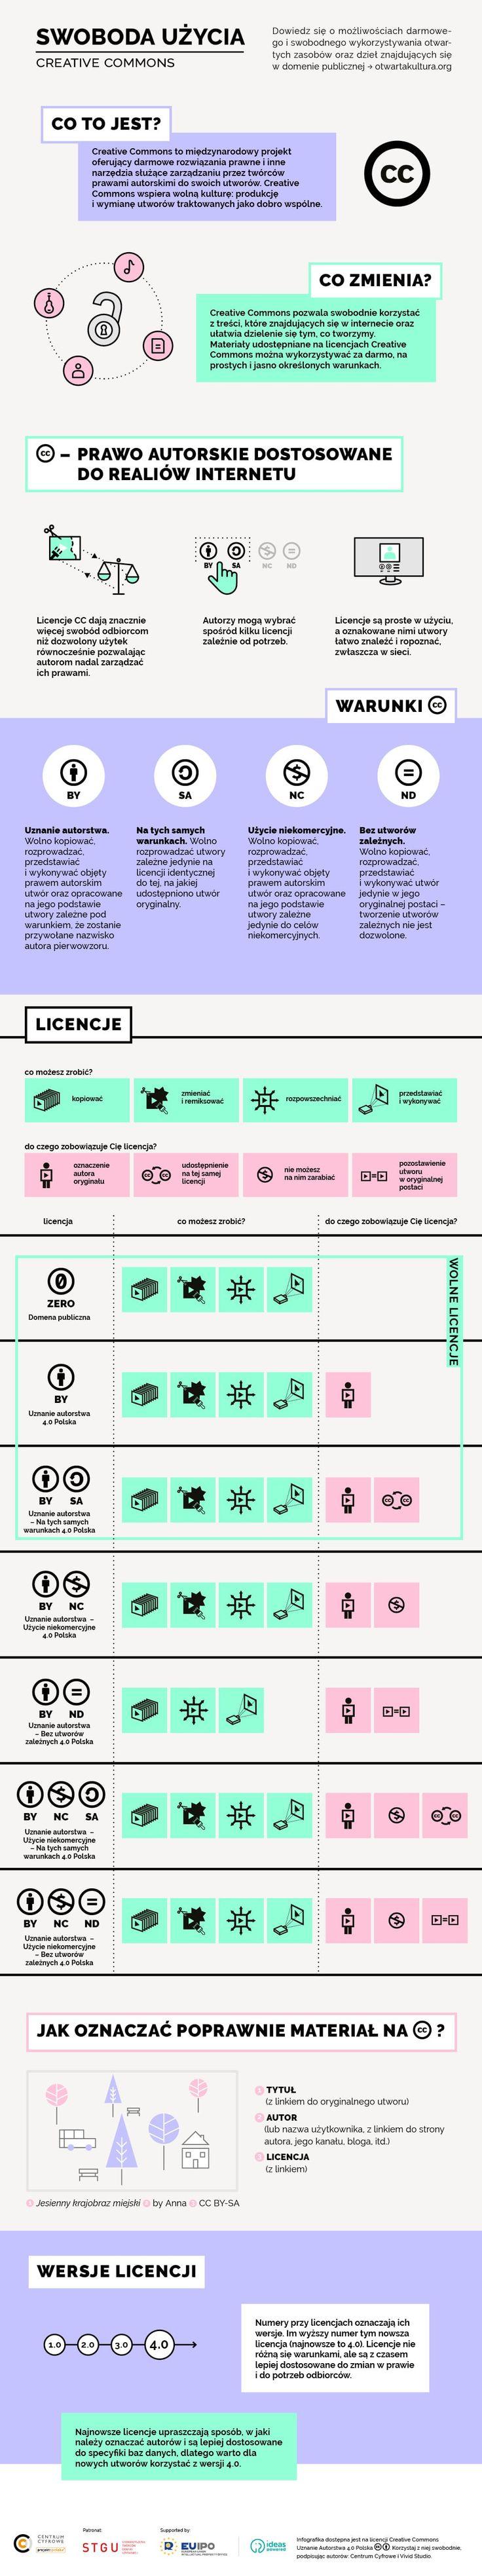 CC-infografika-min.jpg (992×5301)